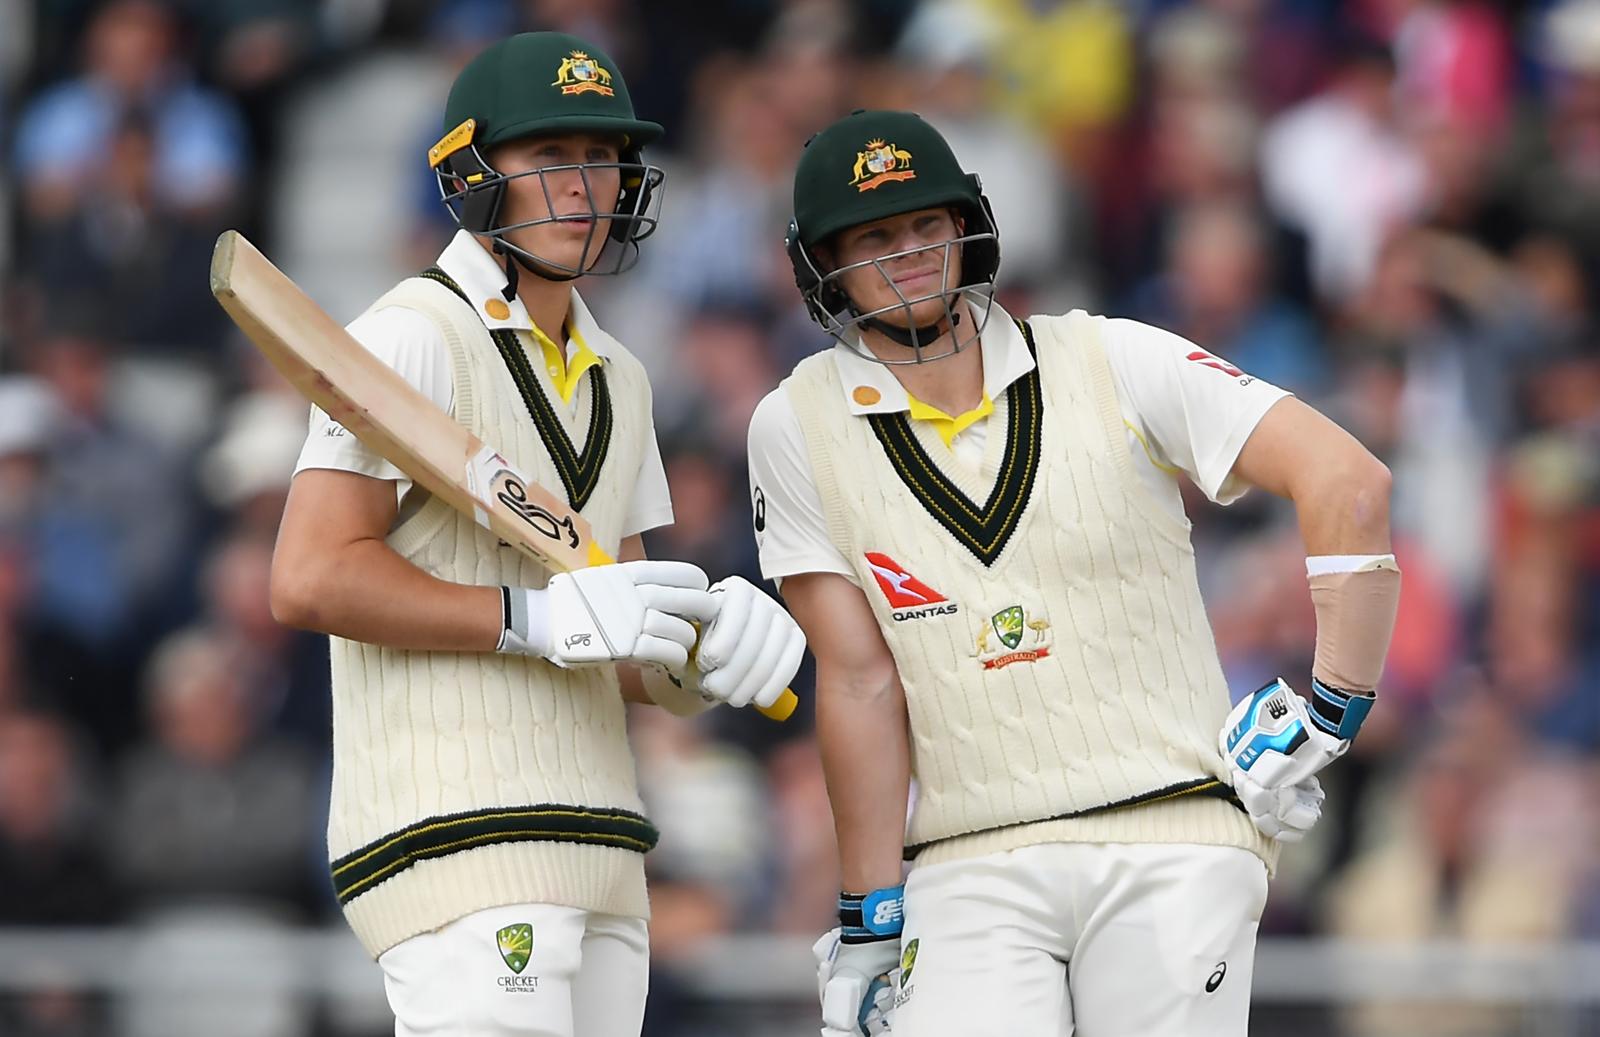 ऑस्ट्रेलिया के टेस्ट कप्तान टिम पेन का इशारा, स्मिथ नहीं बल्कि ये खिलाड़ी हो सकता है अगला कप्तान 1